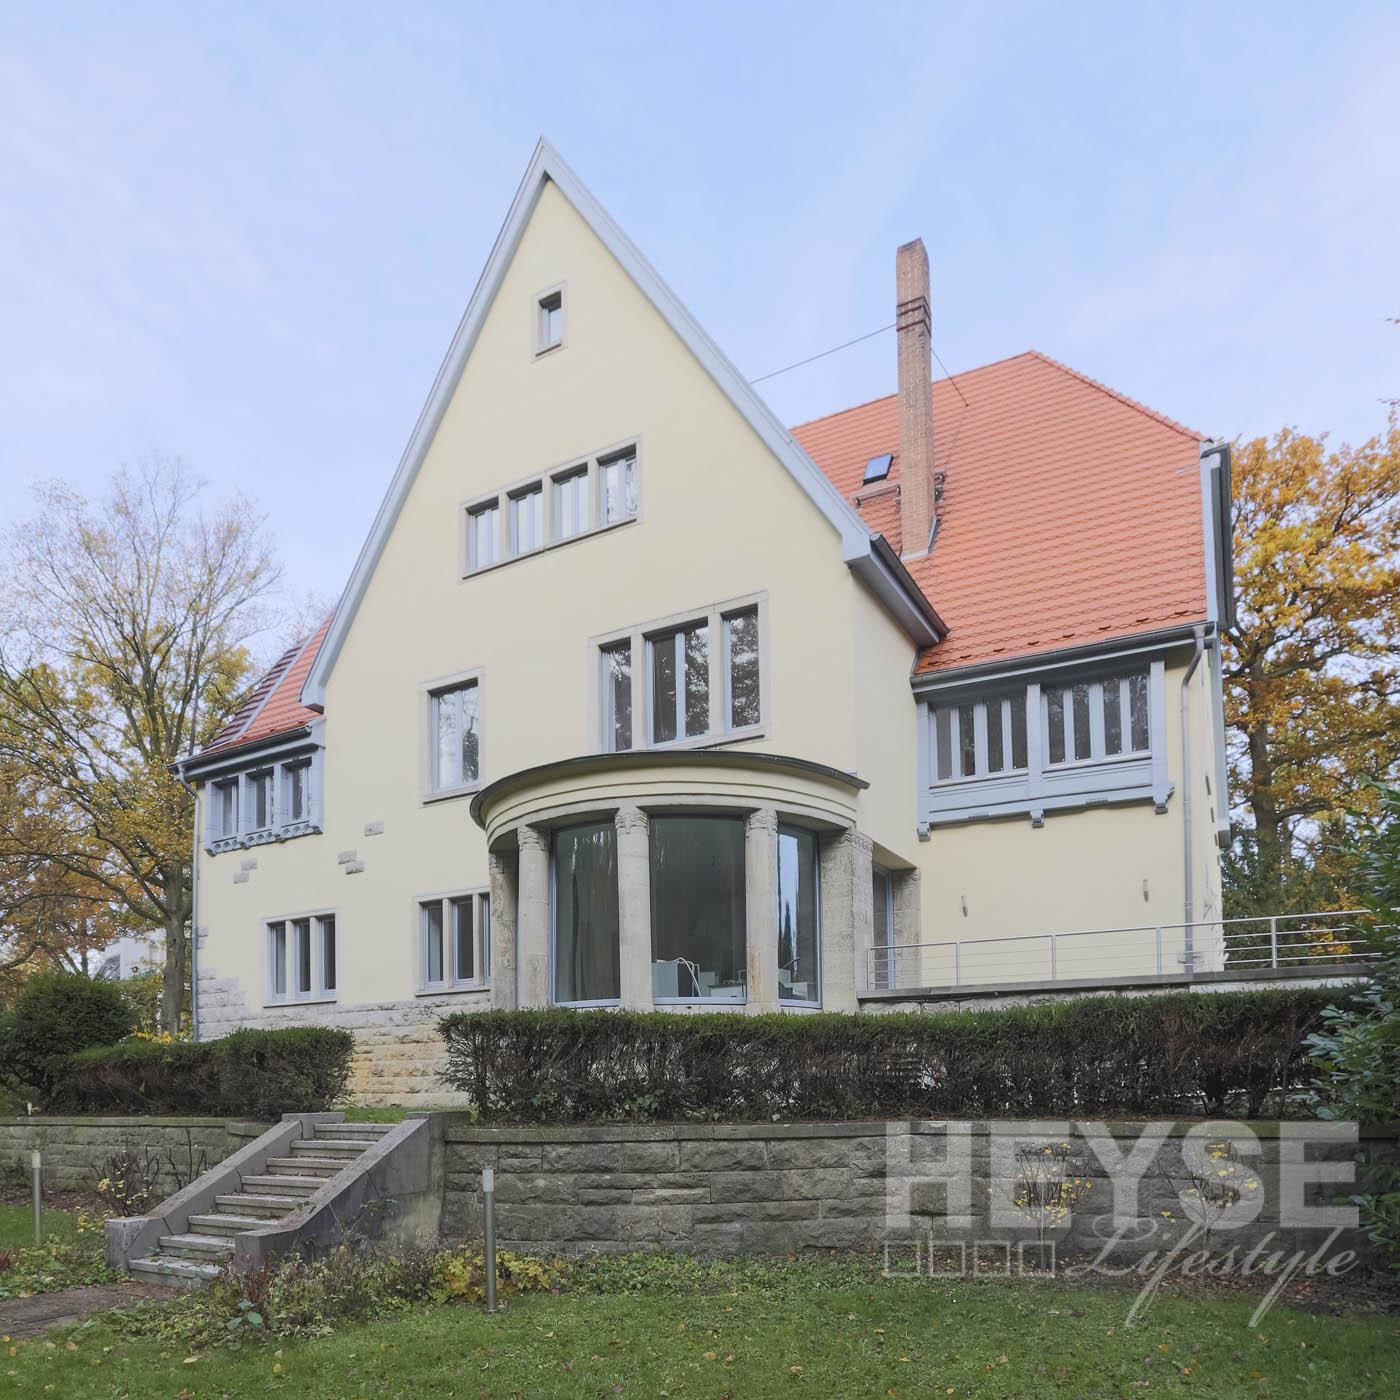 Villa Haase - Denkmalschutz Fassade - Anstrich